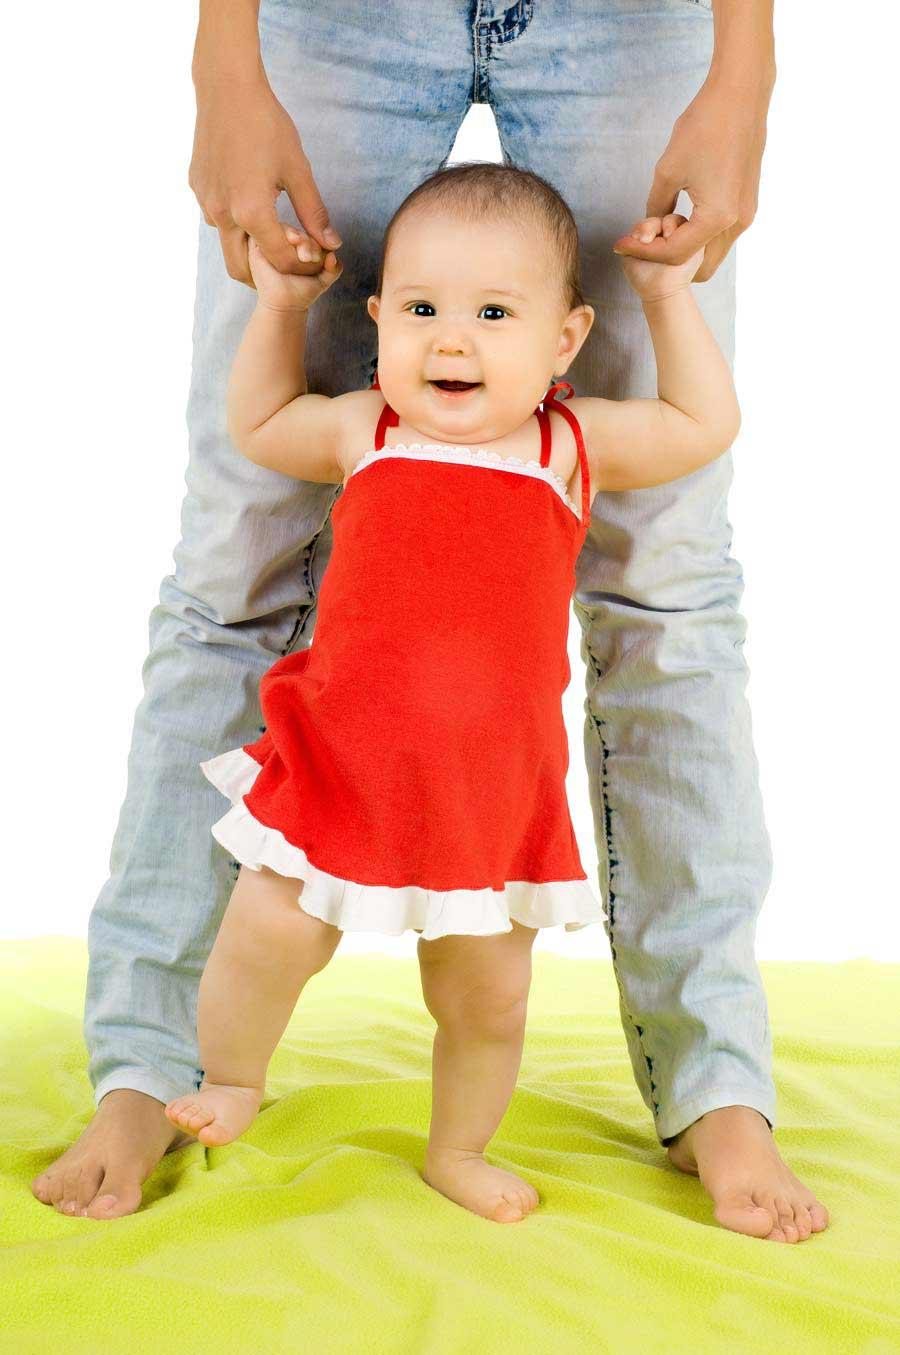 Memonitor Perkembangan Bayi Tanpa Rasa Cemas